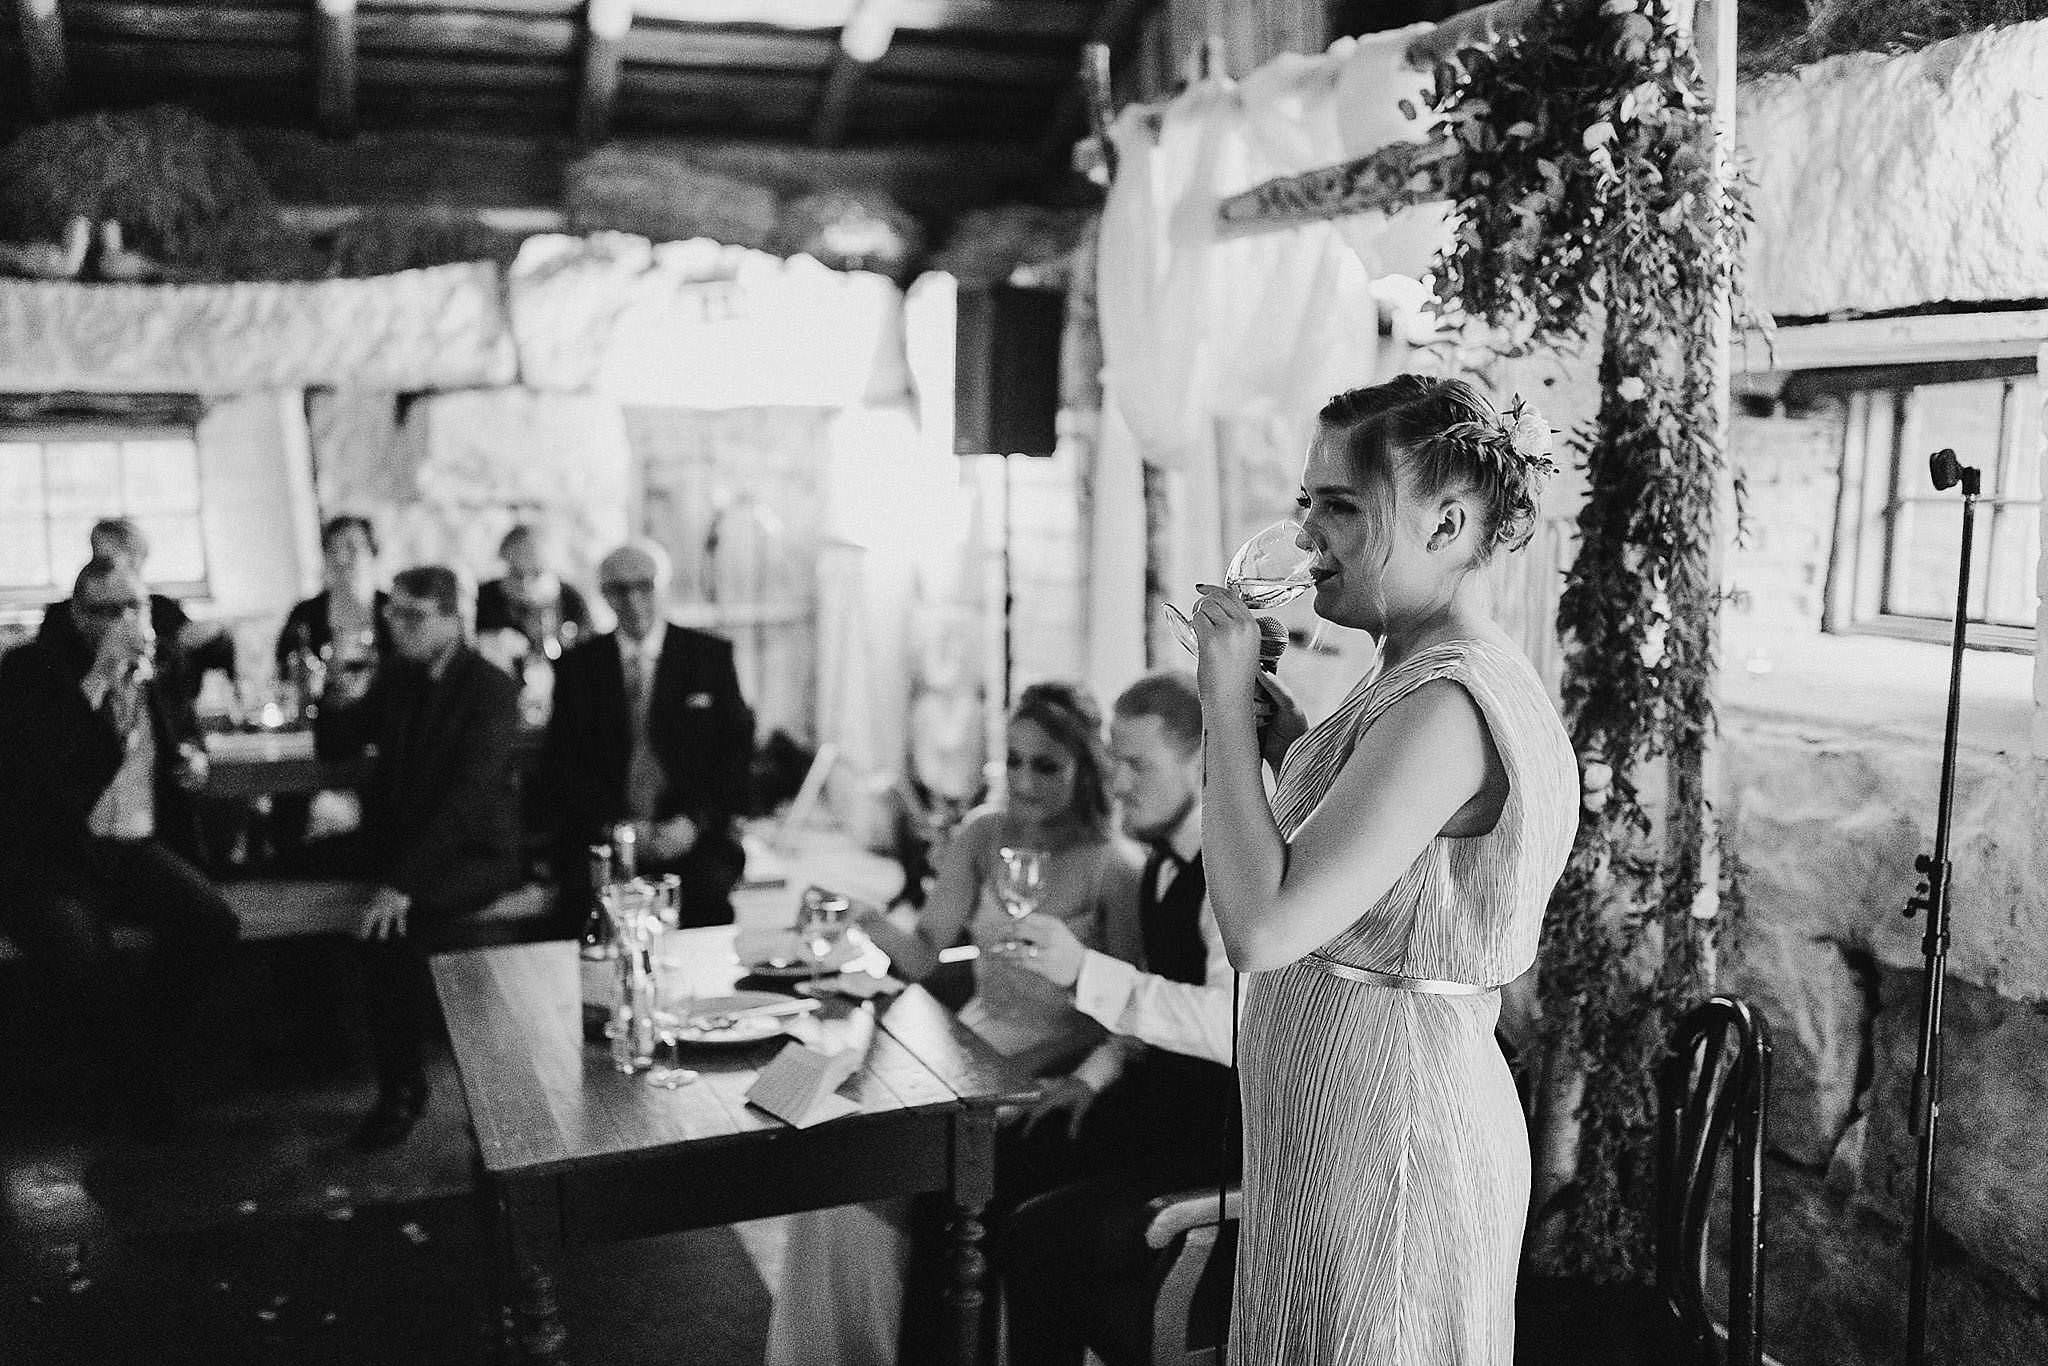 Haakuvaus_wedding_jyvaskyla_muurame_tuomiston_tila_0175.jpg